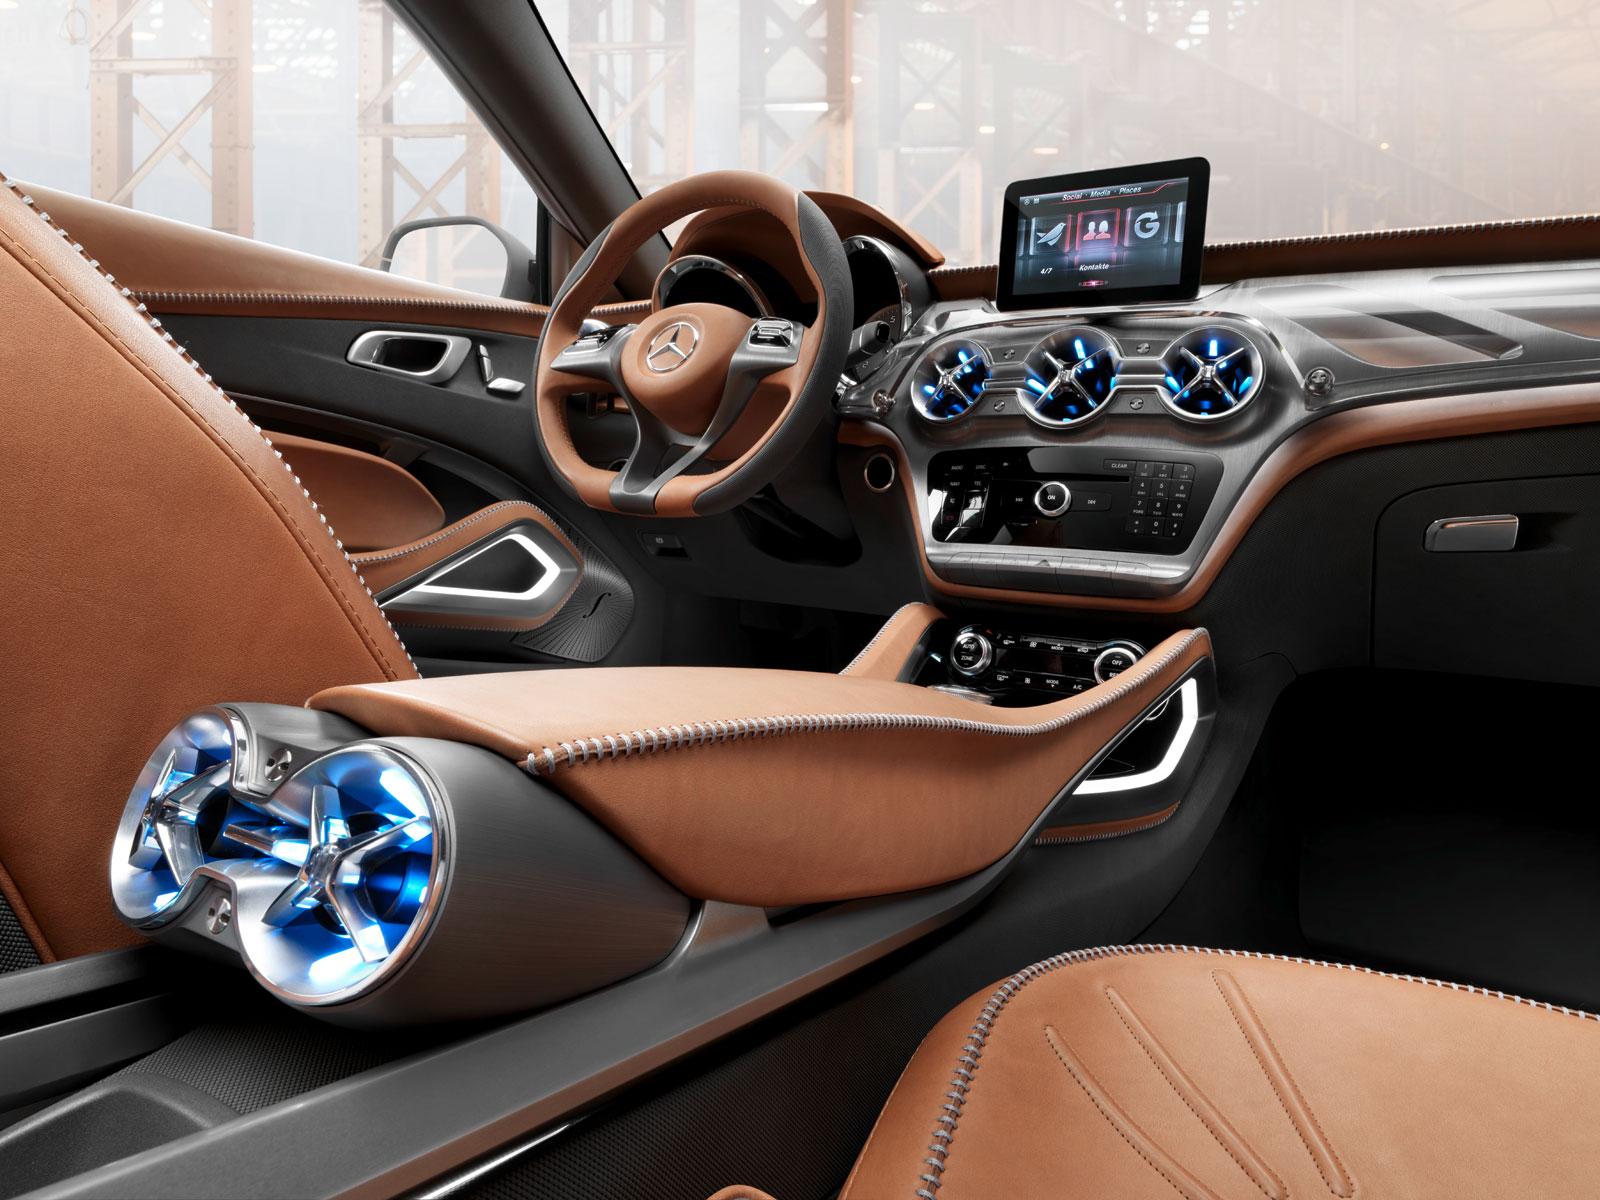 Mercedes-Benz Concept GLA Interior - Car Body Design